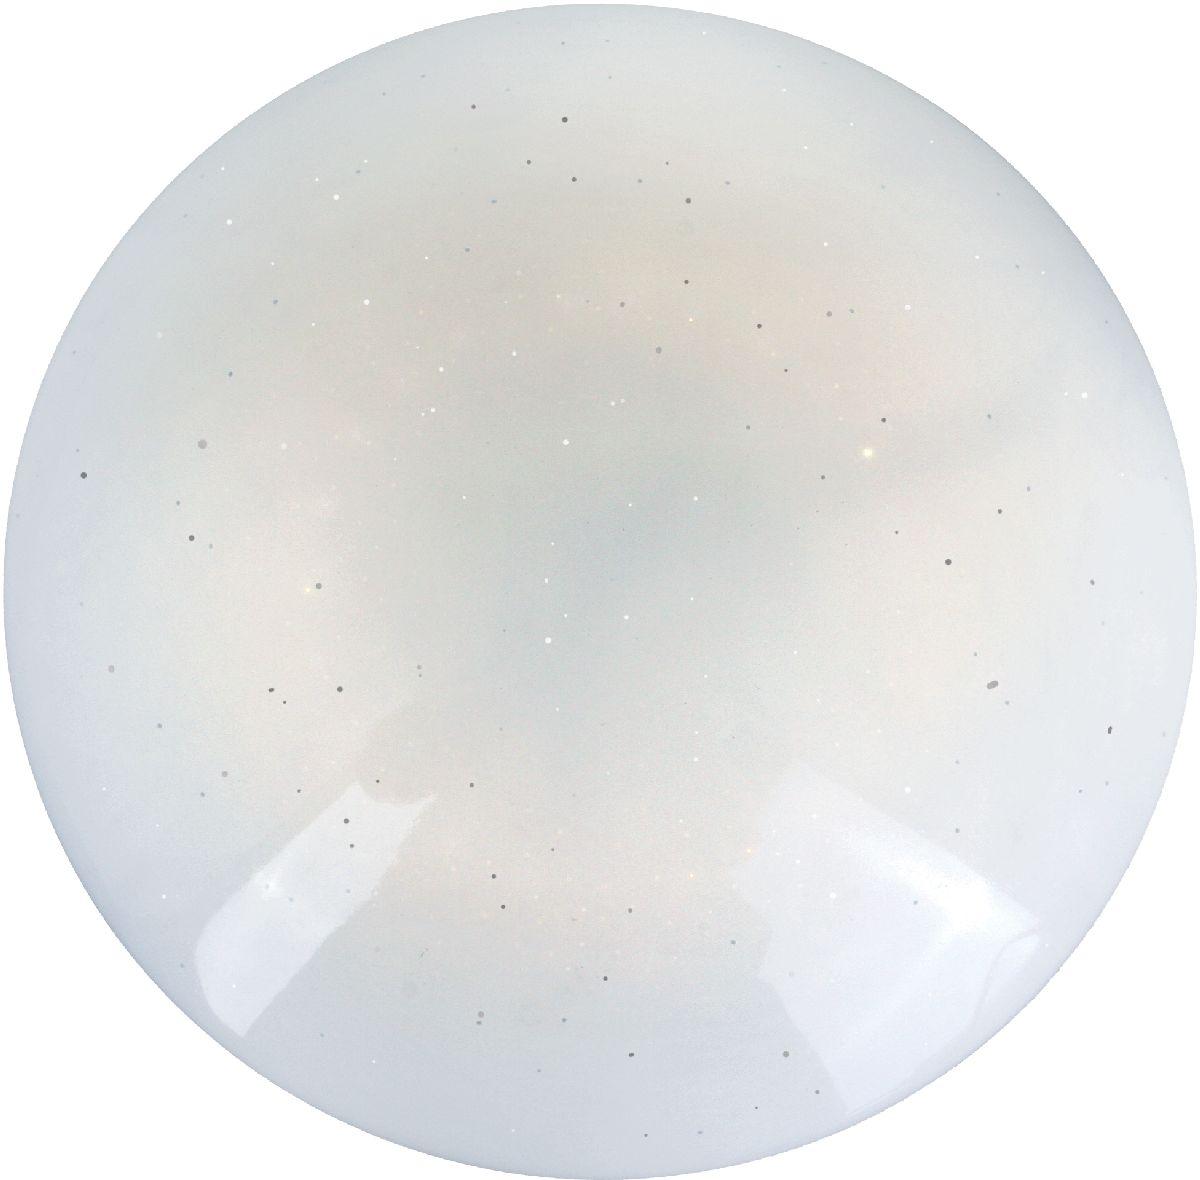 Светильник настенно-потолочный Camelion LBS-0501, LED, 12W, 4500K. 1268312683